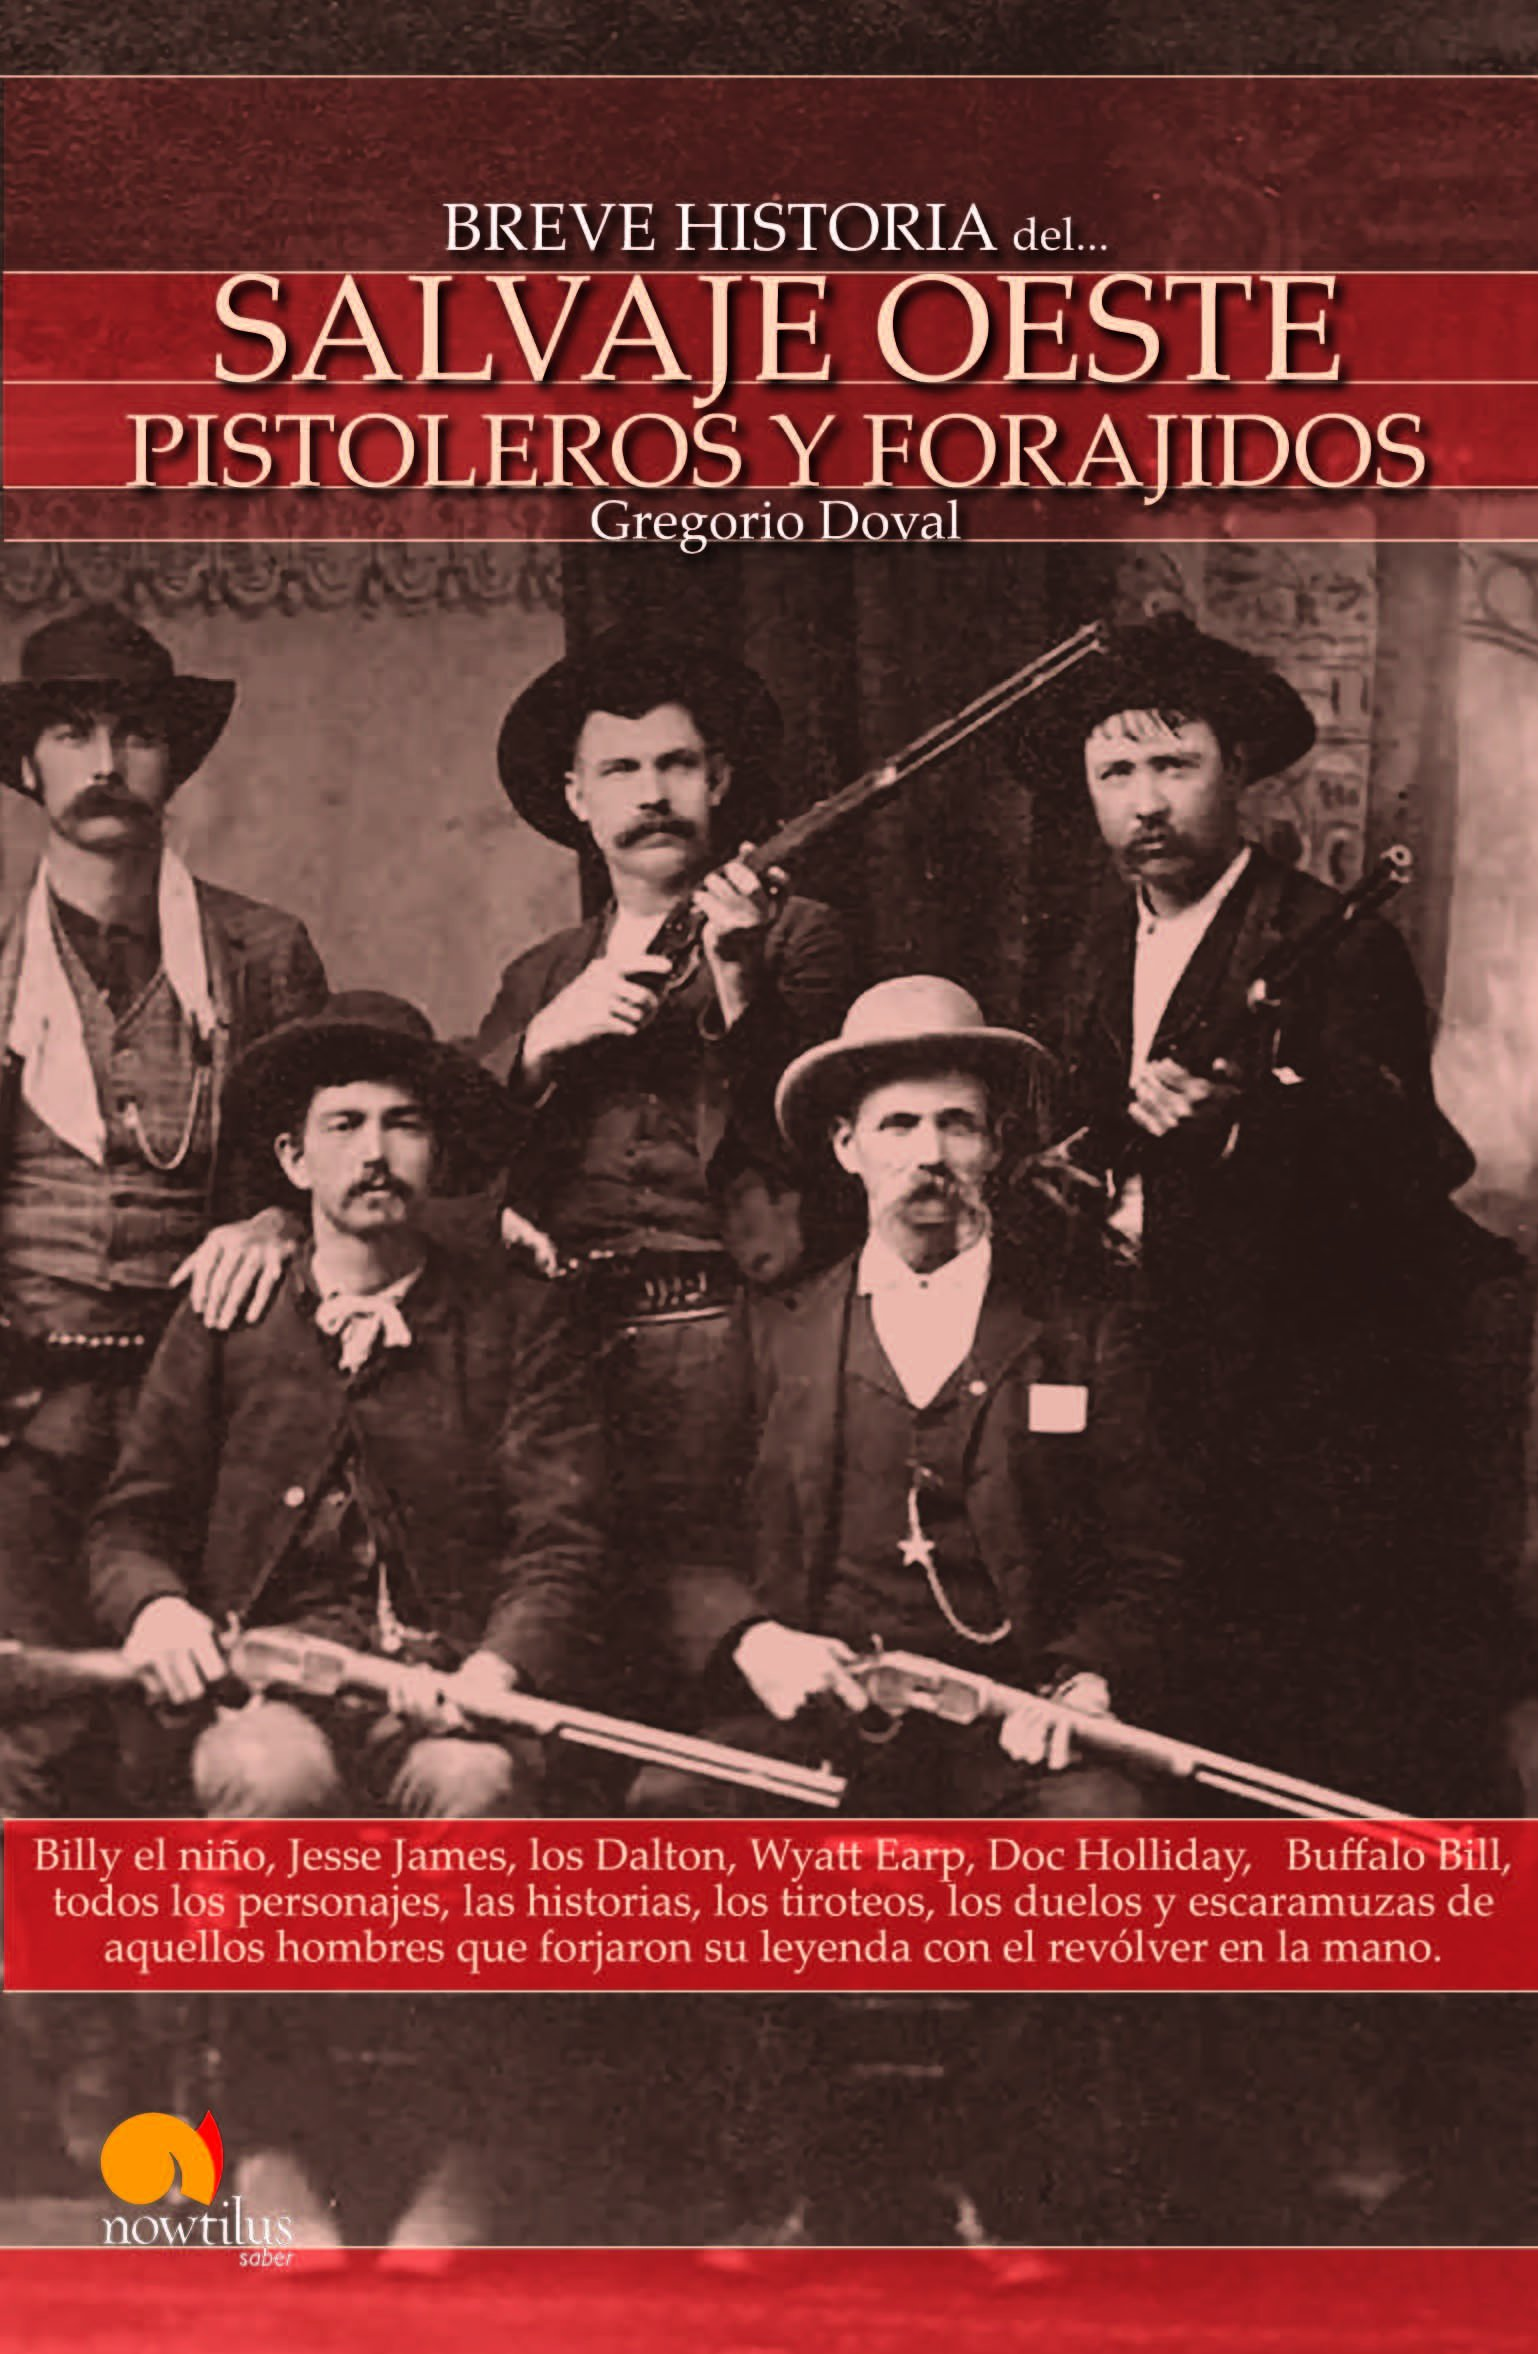 Breve Historia del Salvaje oeste. Pistoleros y forajidos (Breve historia/ Brief History) (Spanish Edition) pdf